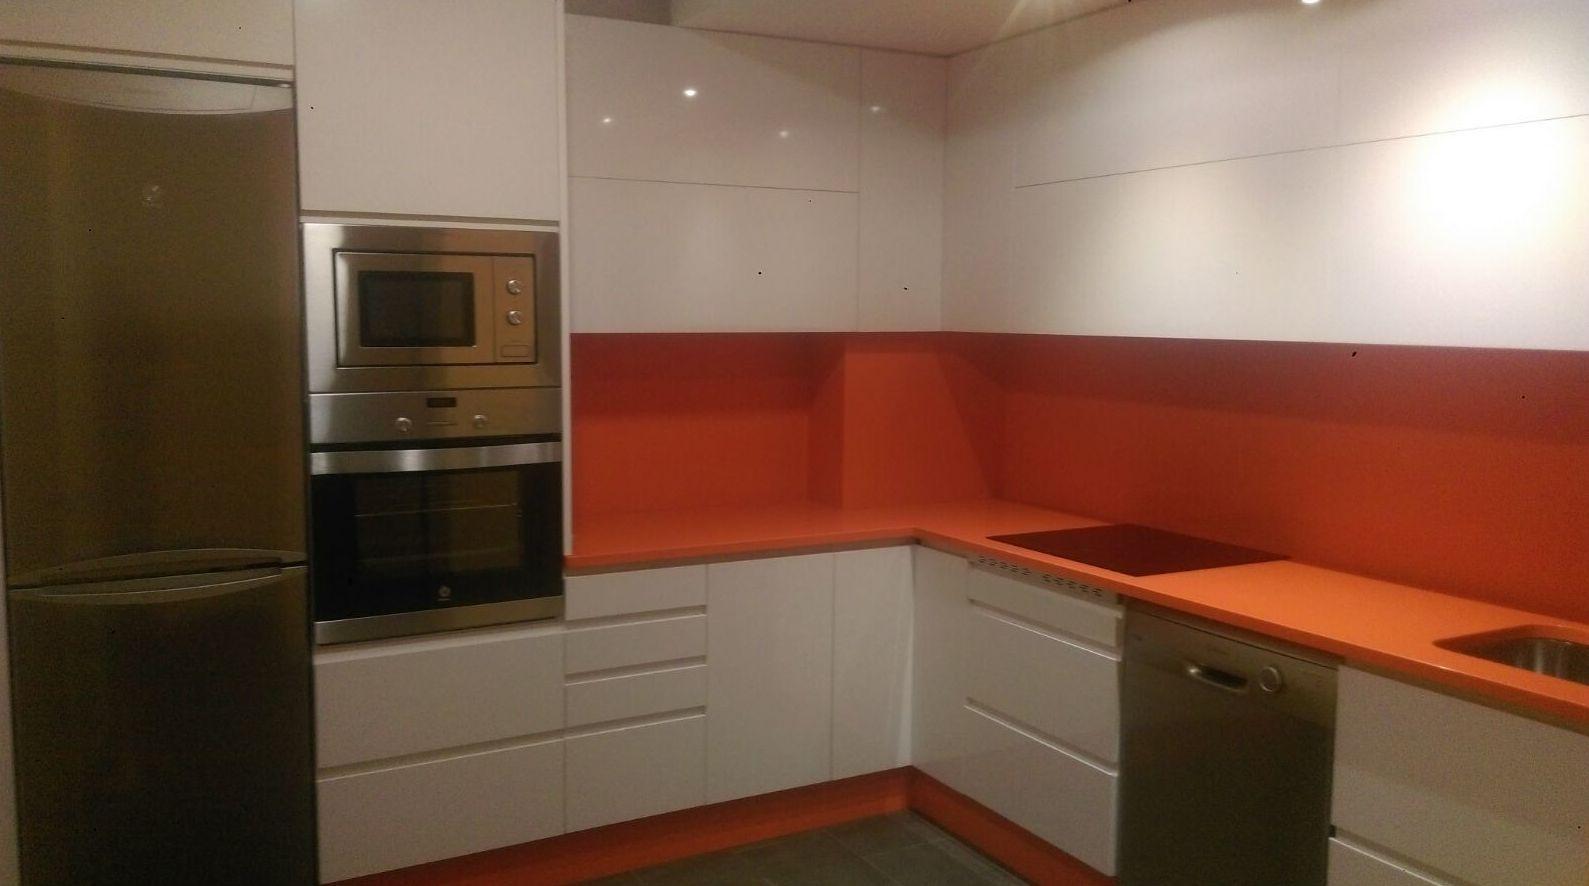 Foto 8 de Muebles de cocina y baño en Pontevedra | Salgonzalez